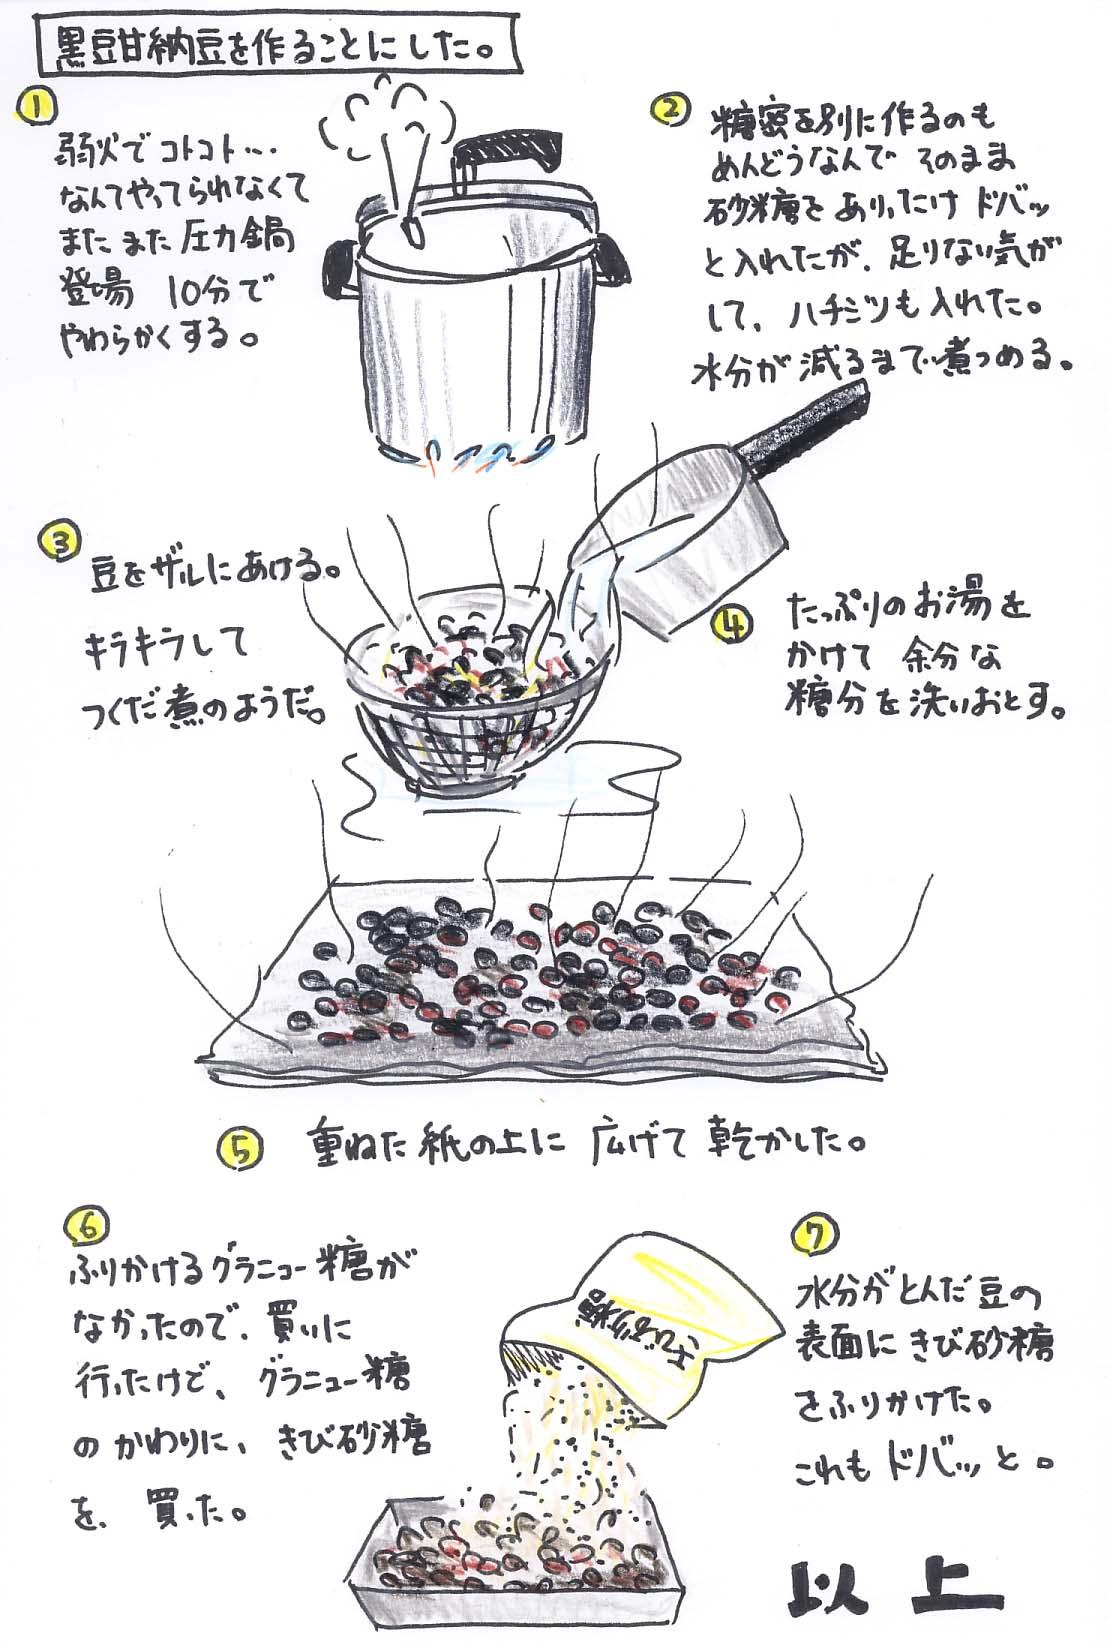 黒豆甘納豆を作ってみた_f0072976_017201.jpg